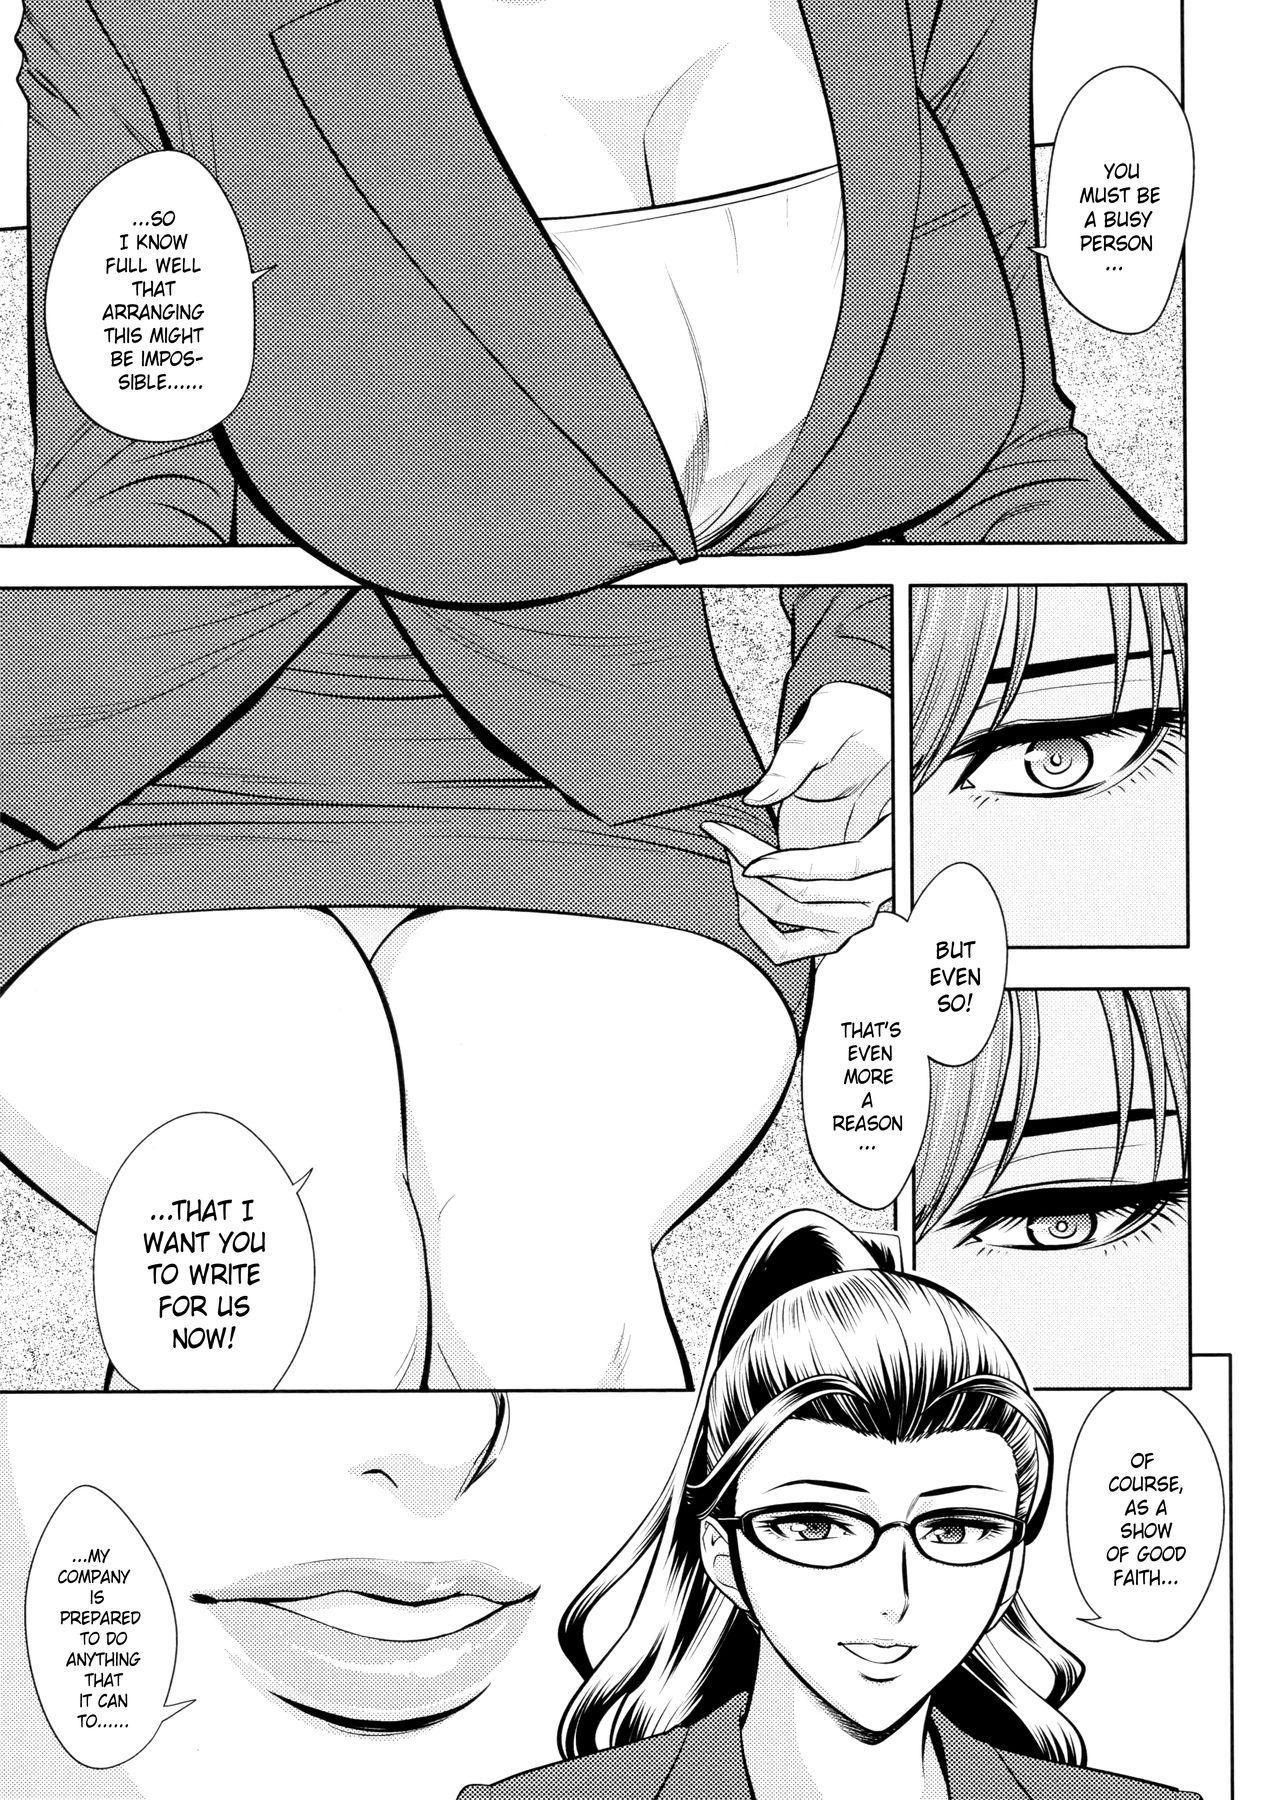 [Tatsunami Youtoku, Yamazaki Masato] Bijin Henshuu-chou no Himitsu | Beautiful Editor-in-Chief's Secret Ch. 1-7 [English] [Forbiddenfetish77, Red Vodka, Crystalium, CEDR777] [Decensored] 108